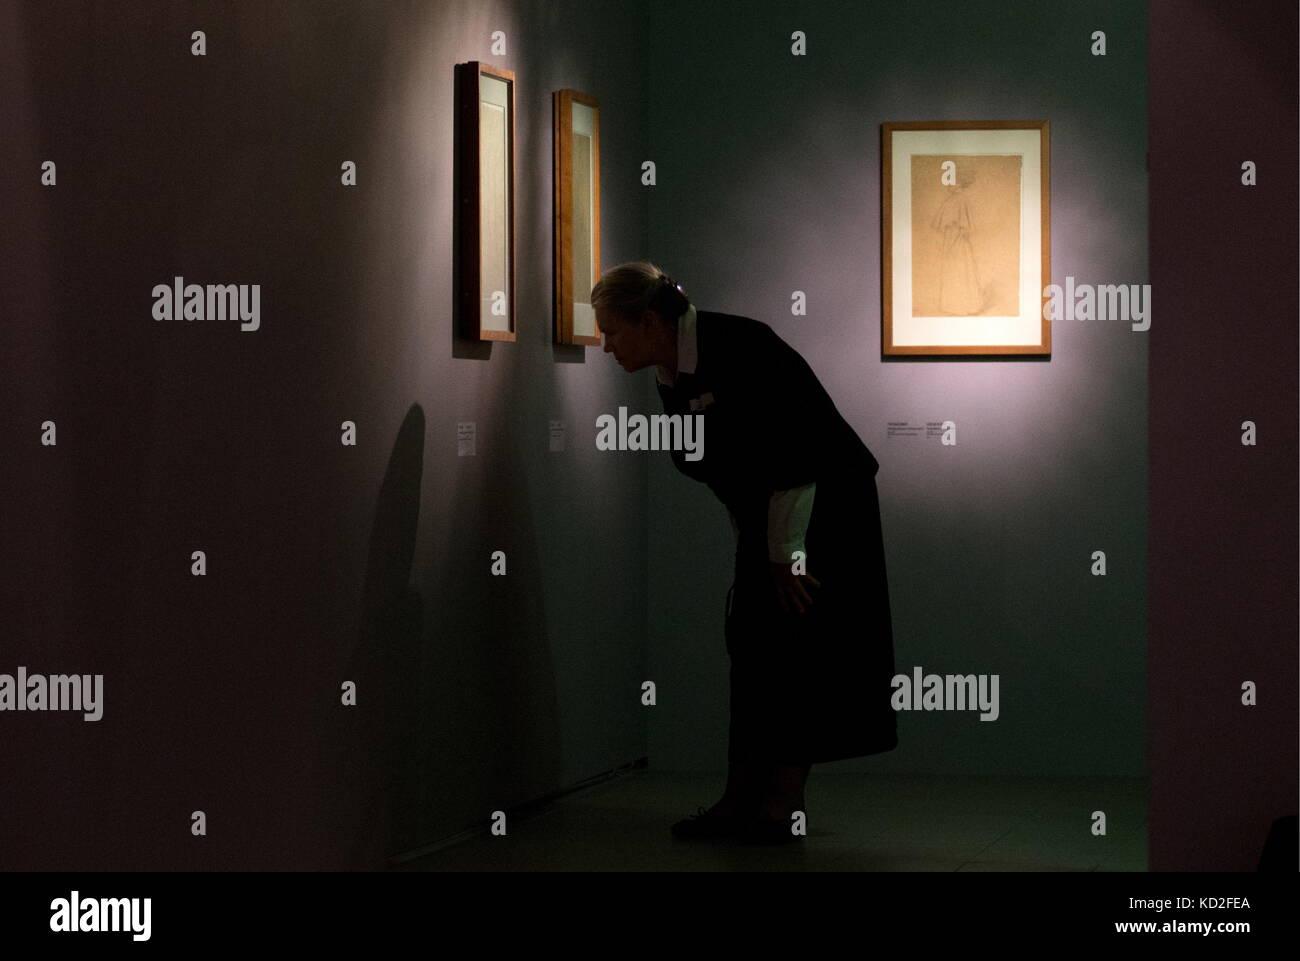 Moskau, Russland. 9. Okt. 2017. Eine Frau besucht eine Ausstellung mit Zeichnungen der österreichische Maler Gustav Stockfoto